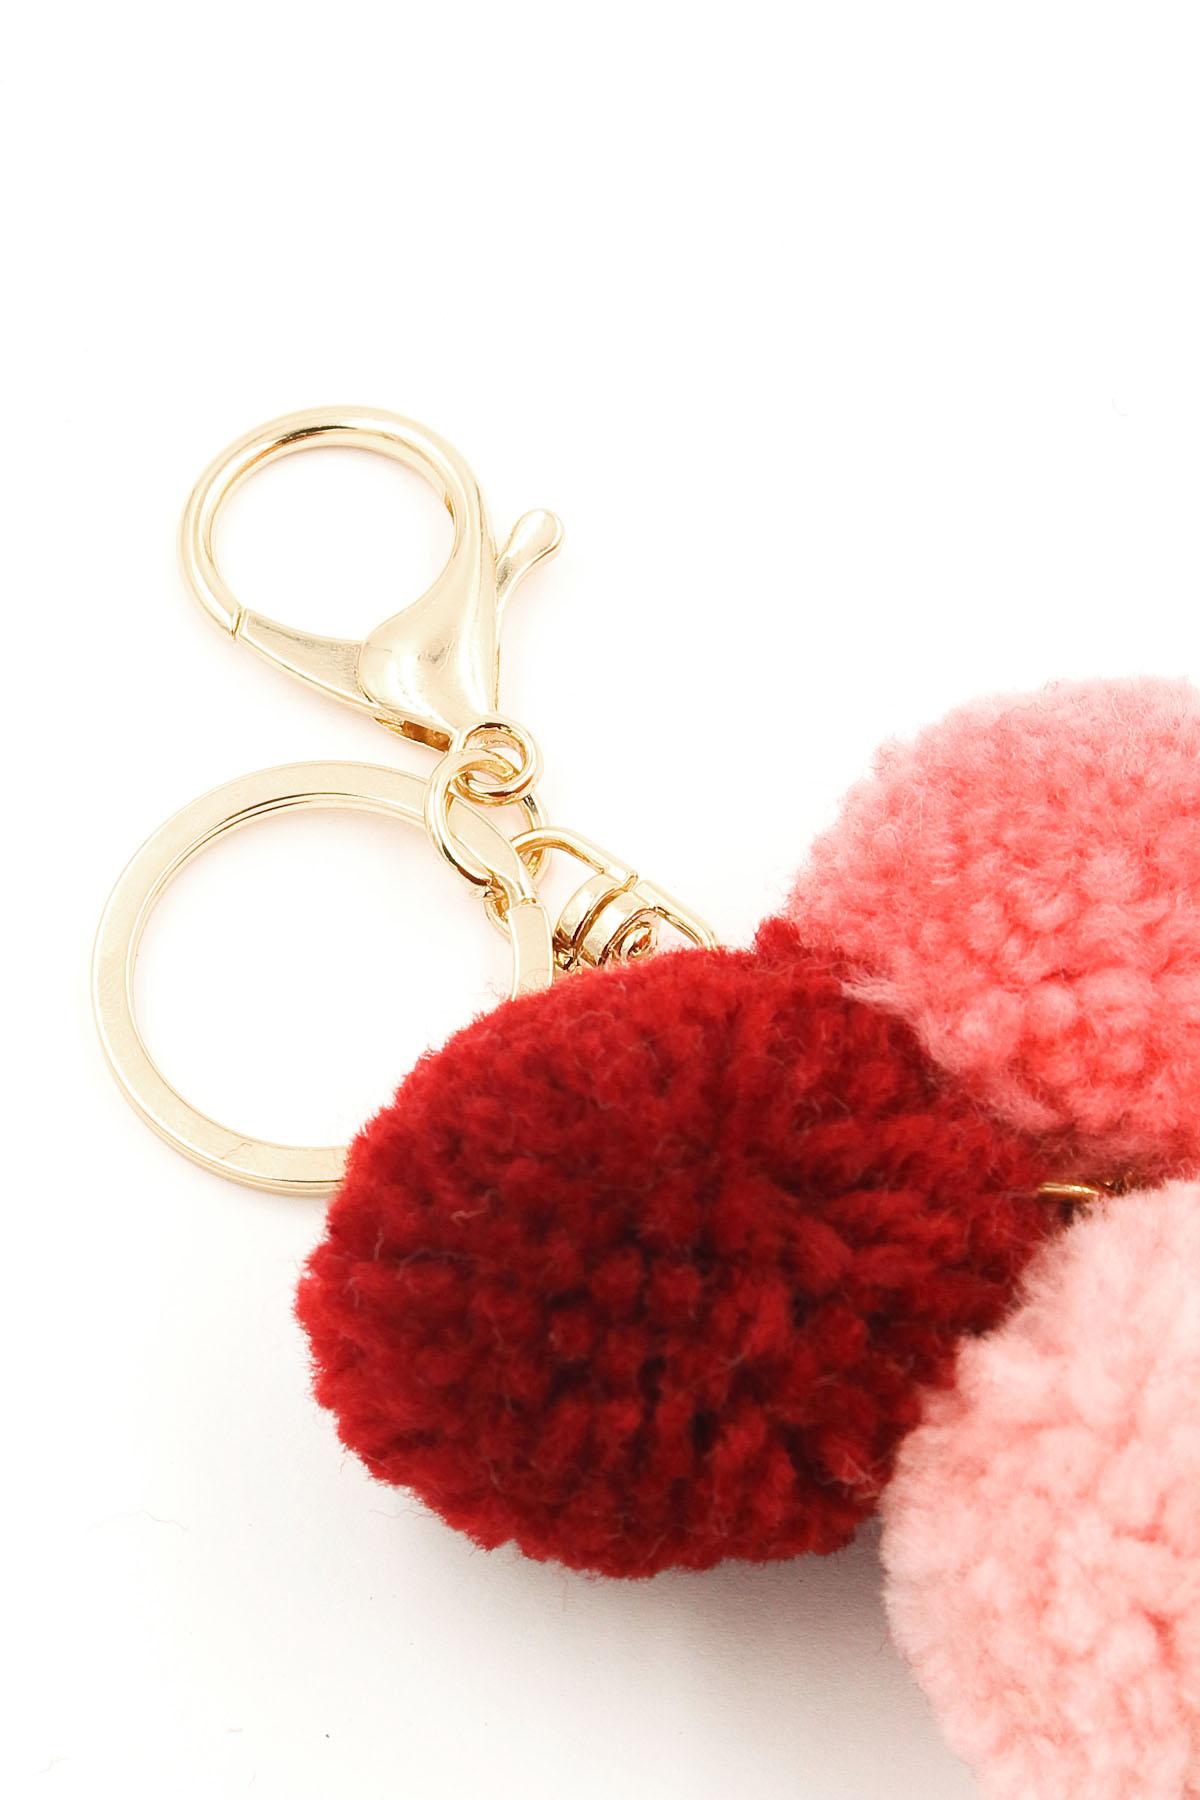 yarn pom pom key  bag chain